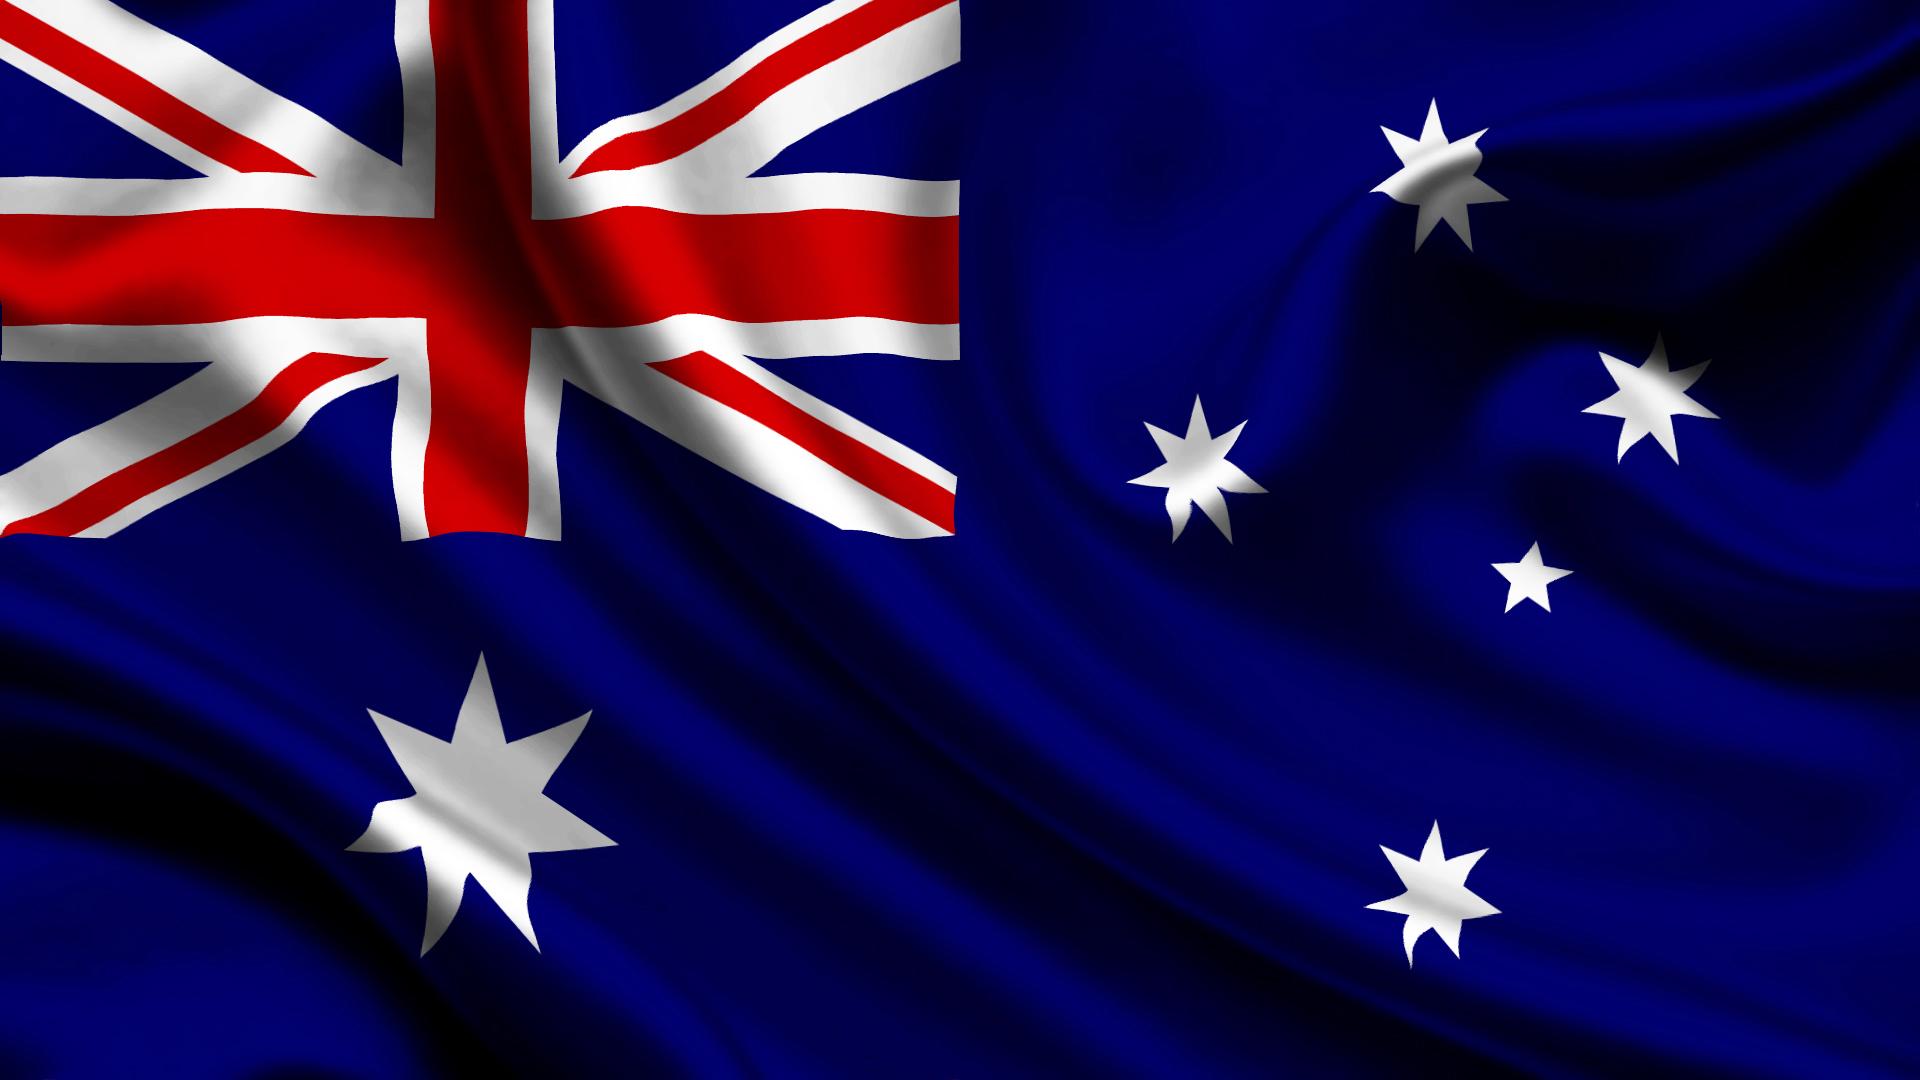 ثلاثة أسباب تدعم توقعات خفض الفائدة الاسترالية الأسبوع المقبل